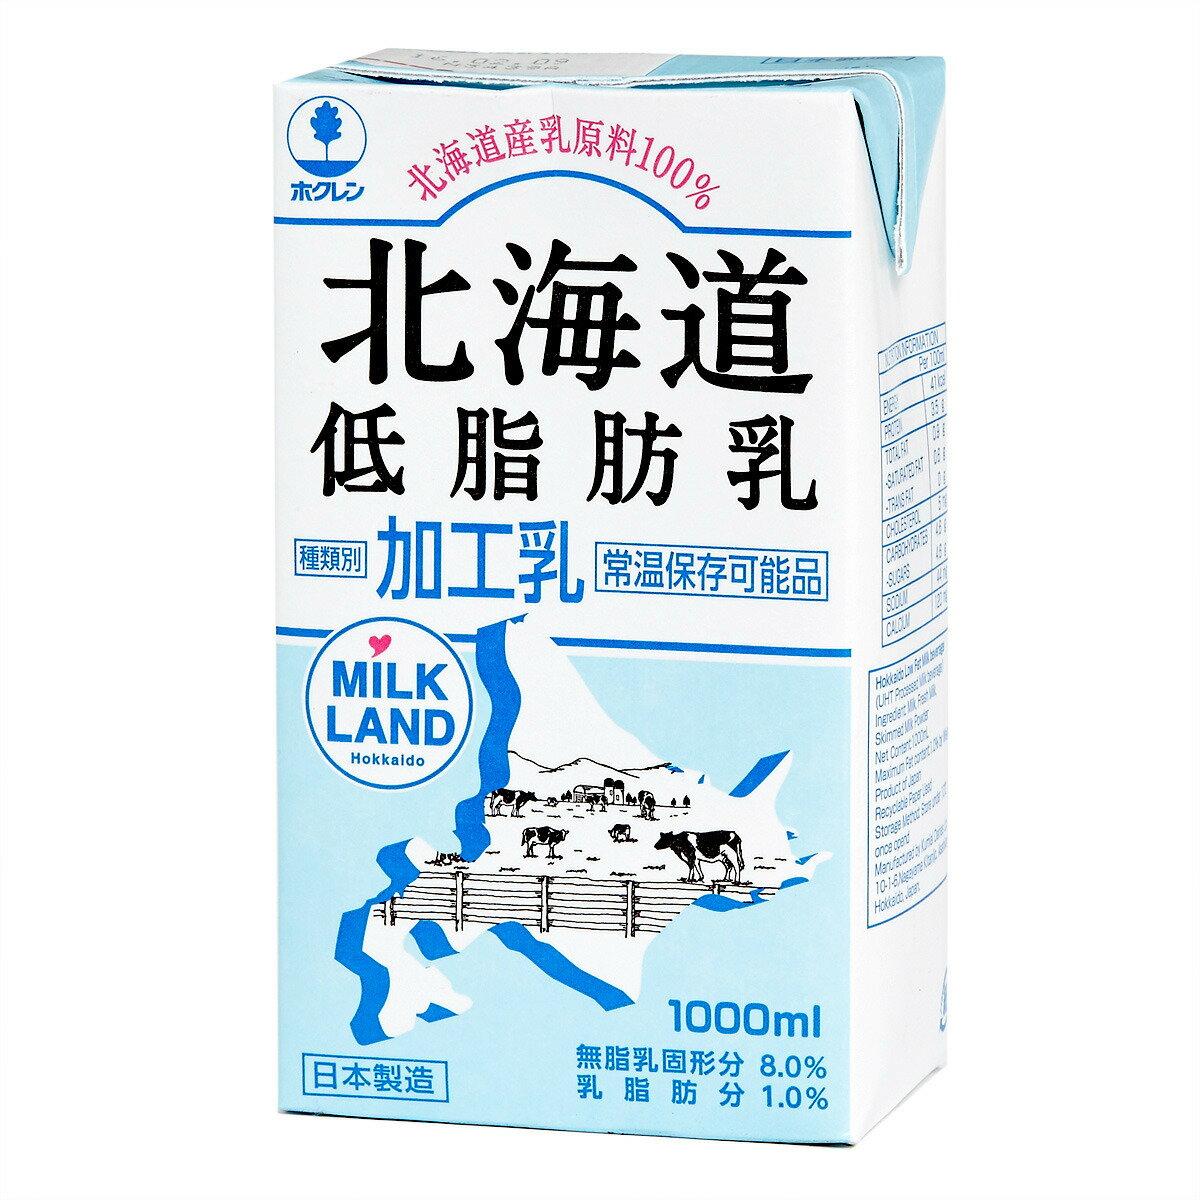 北海道低脂保久牛乳1000ml-HOKUREN - 限時優惠好康折扣